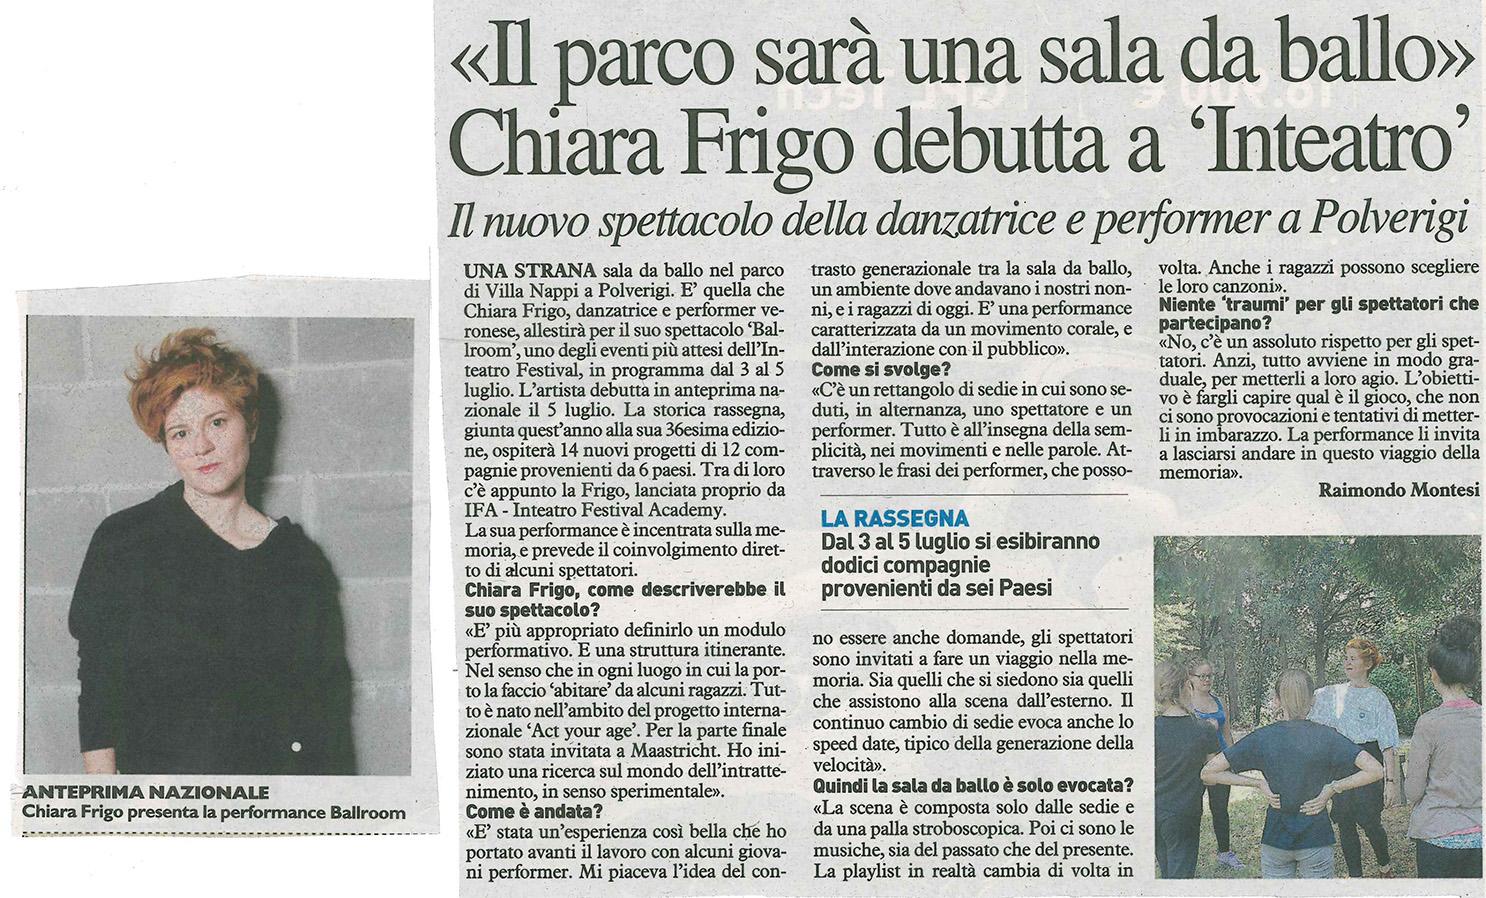 2014.06.25 Chiara Frigo debutta a 'Inteatro' - Il Resto del Carlino